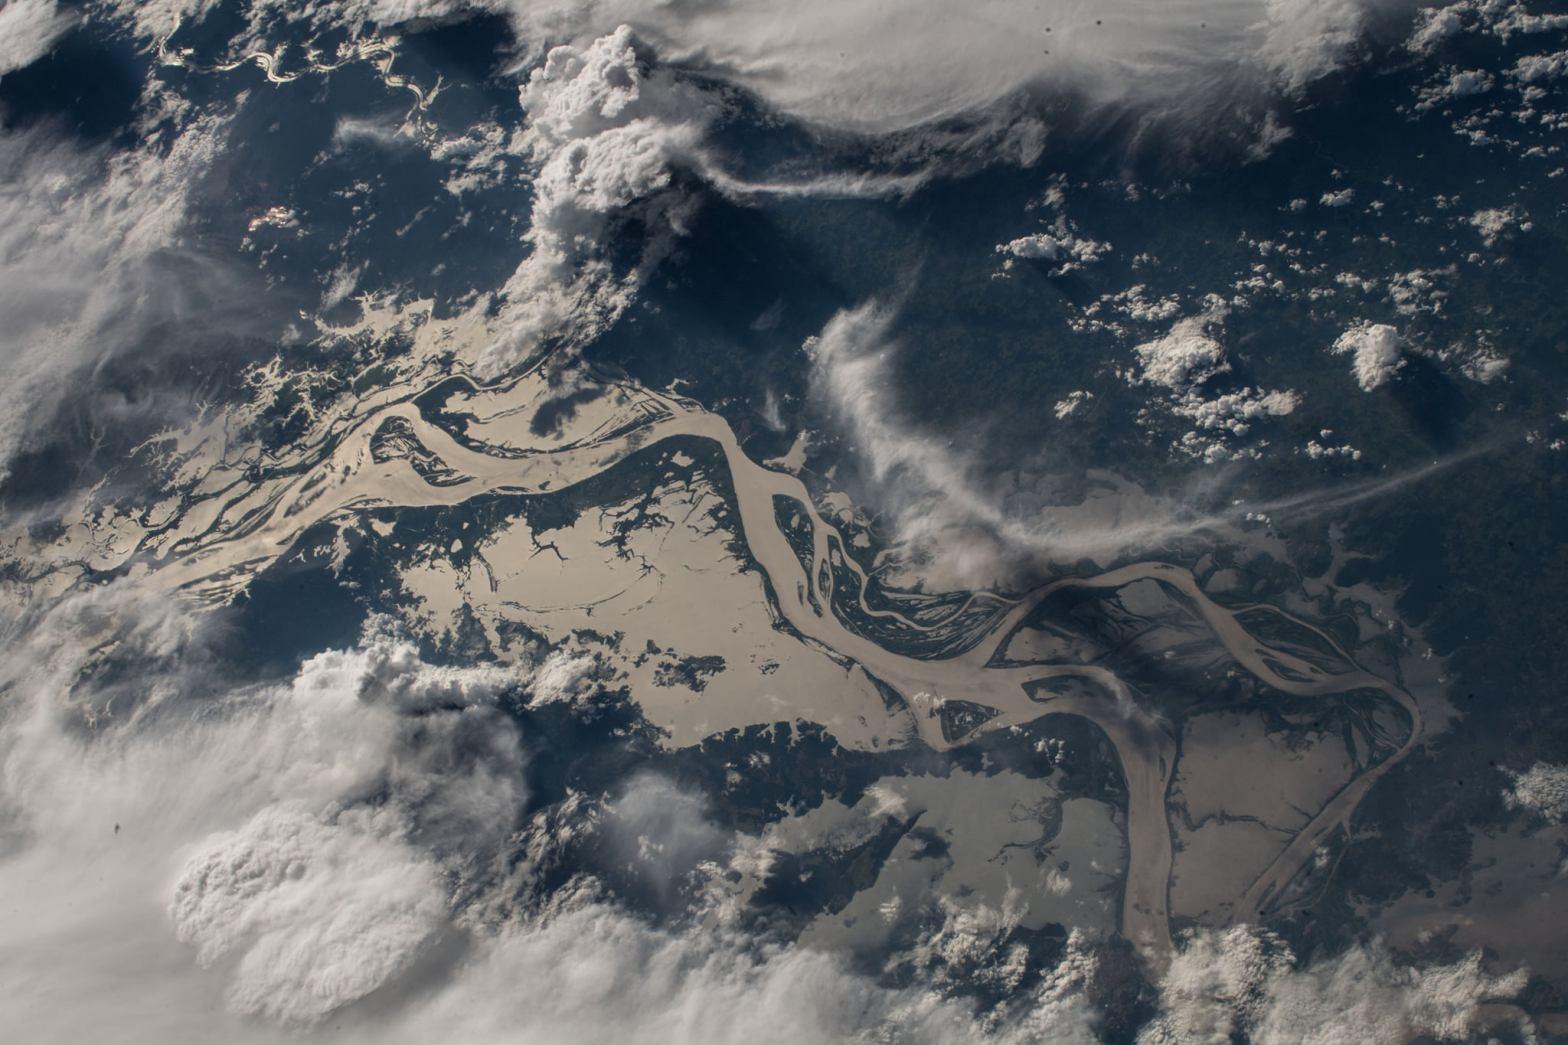 Terra - Rio delle Amazzoni